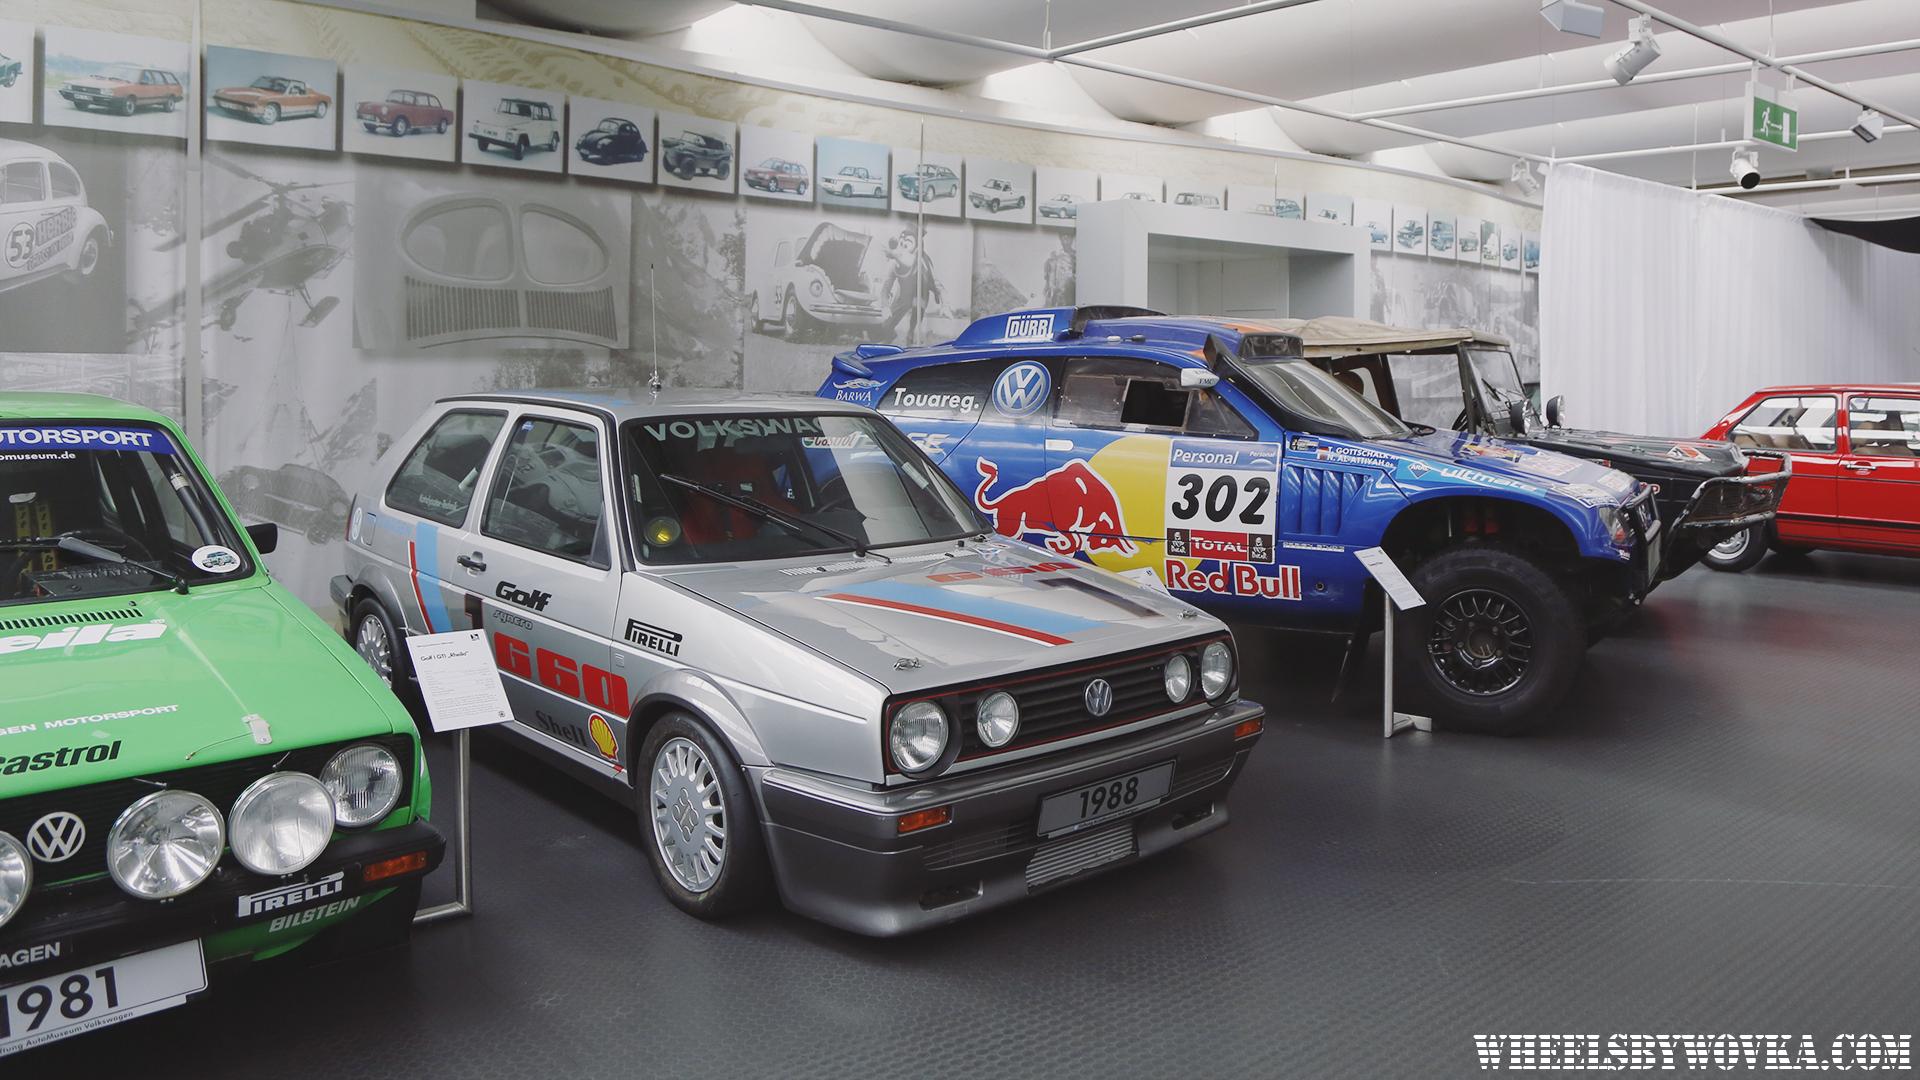 volkswagen-vw-museum-wolfsbourg-tour-by-wheelsbywovka-27